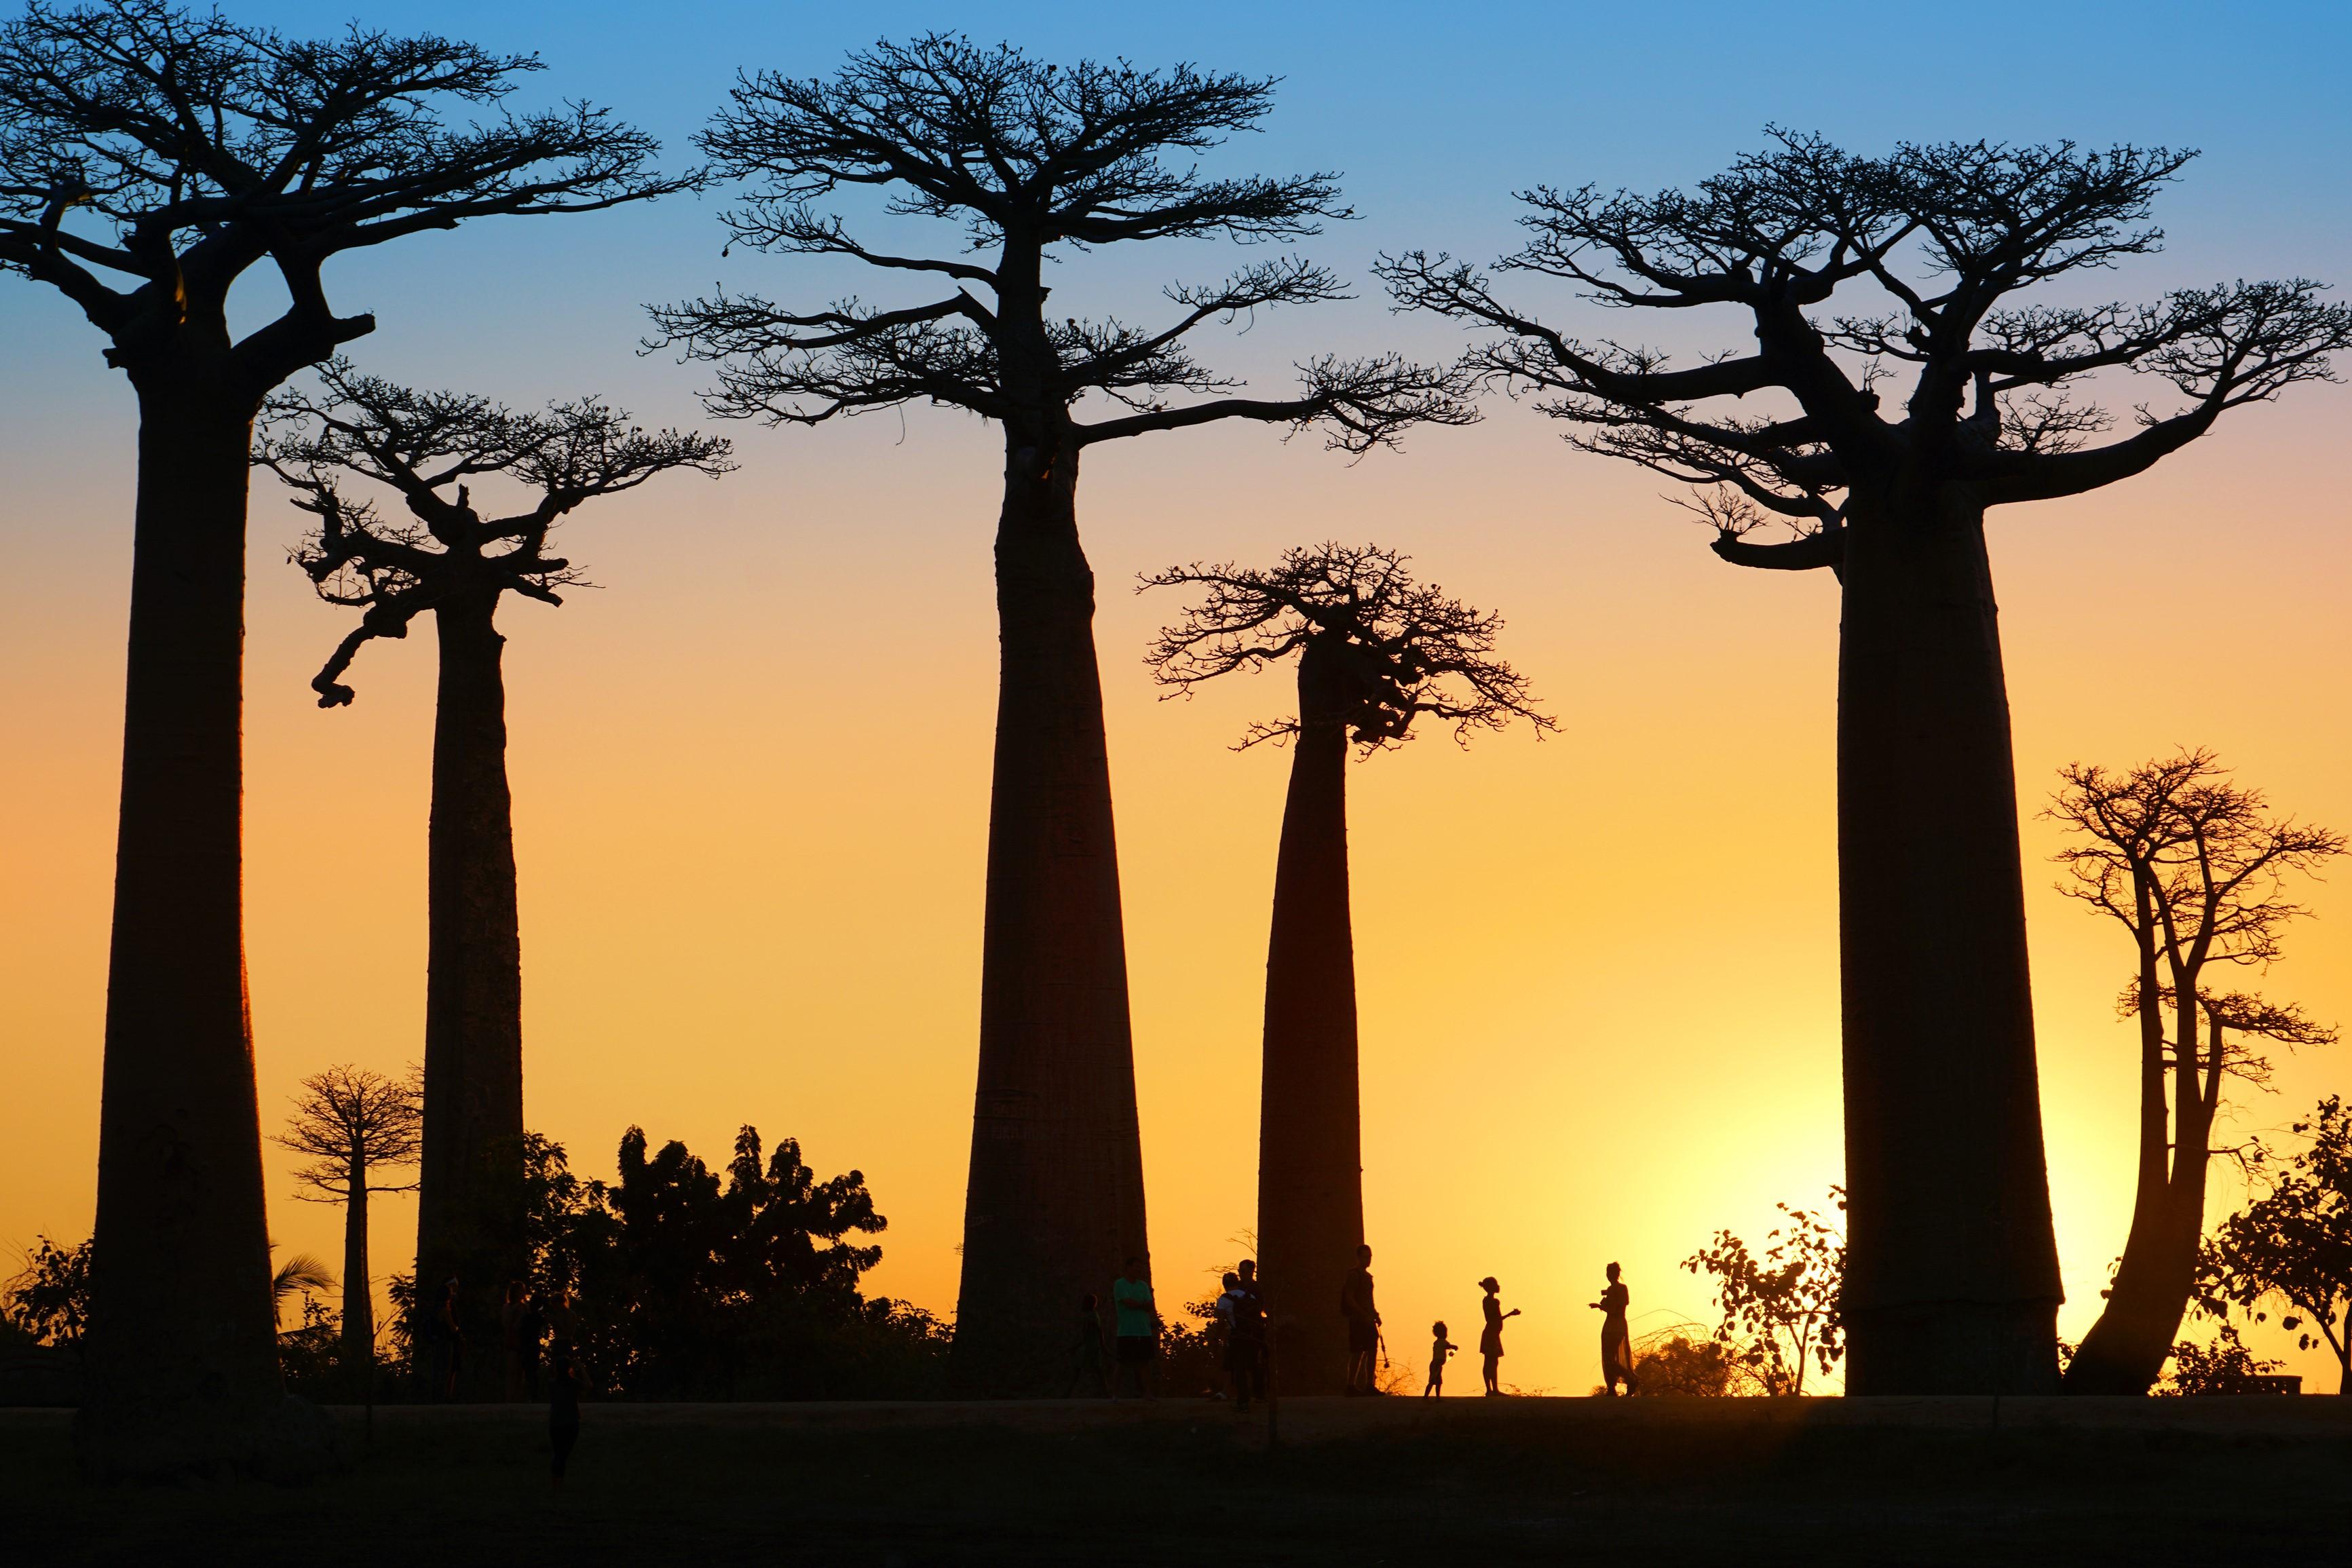 Лемуры, хамелеоны, баобабы: Мадагаскар зовет!